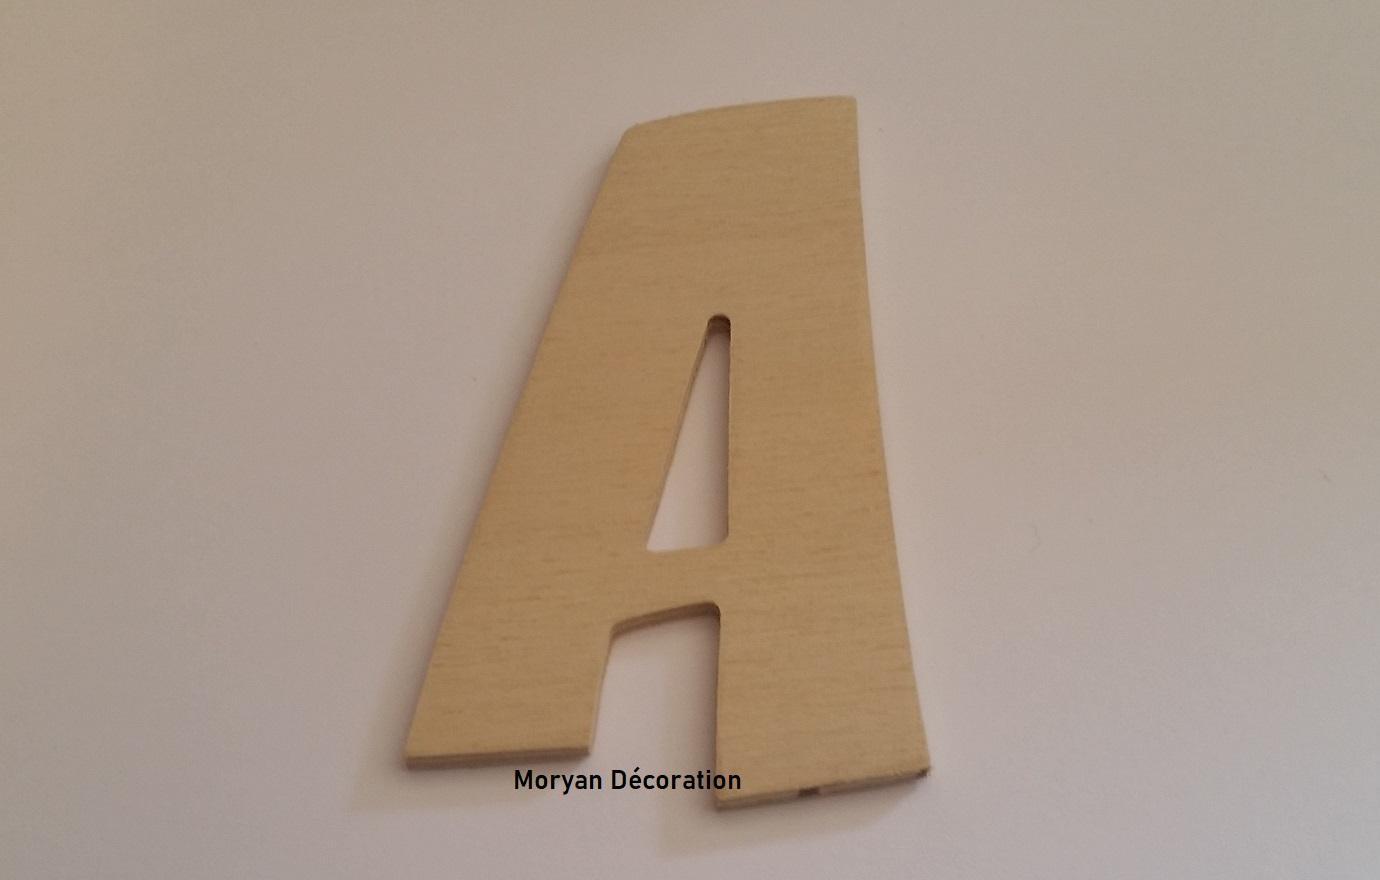 Lettre en bois decorative a peindre zoinks